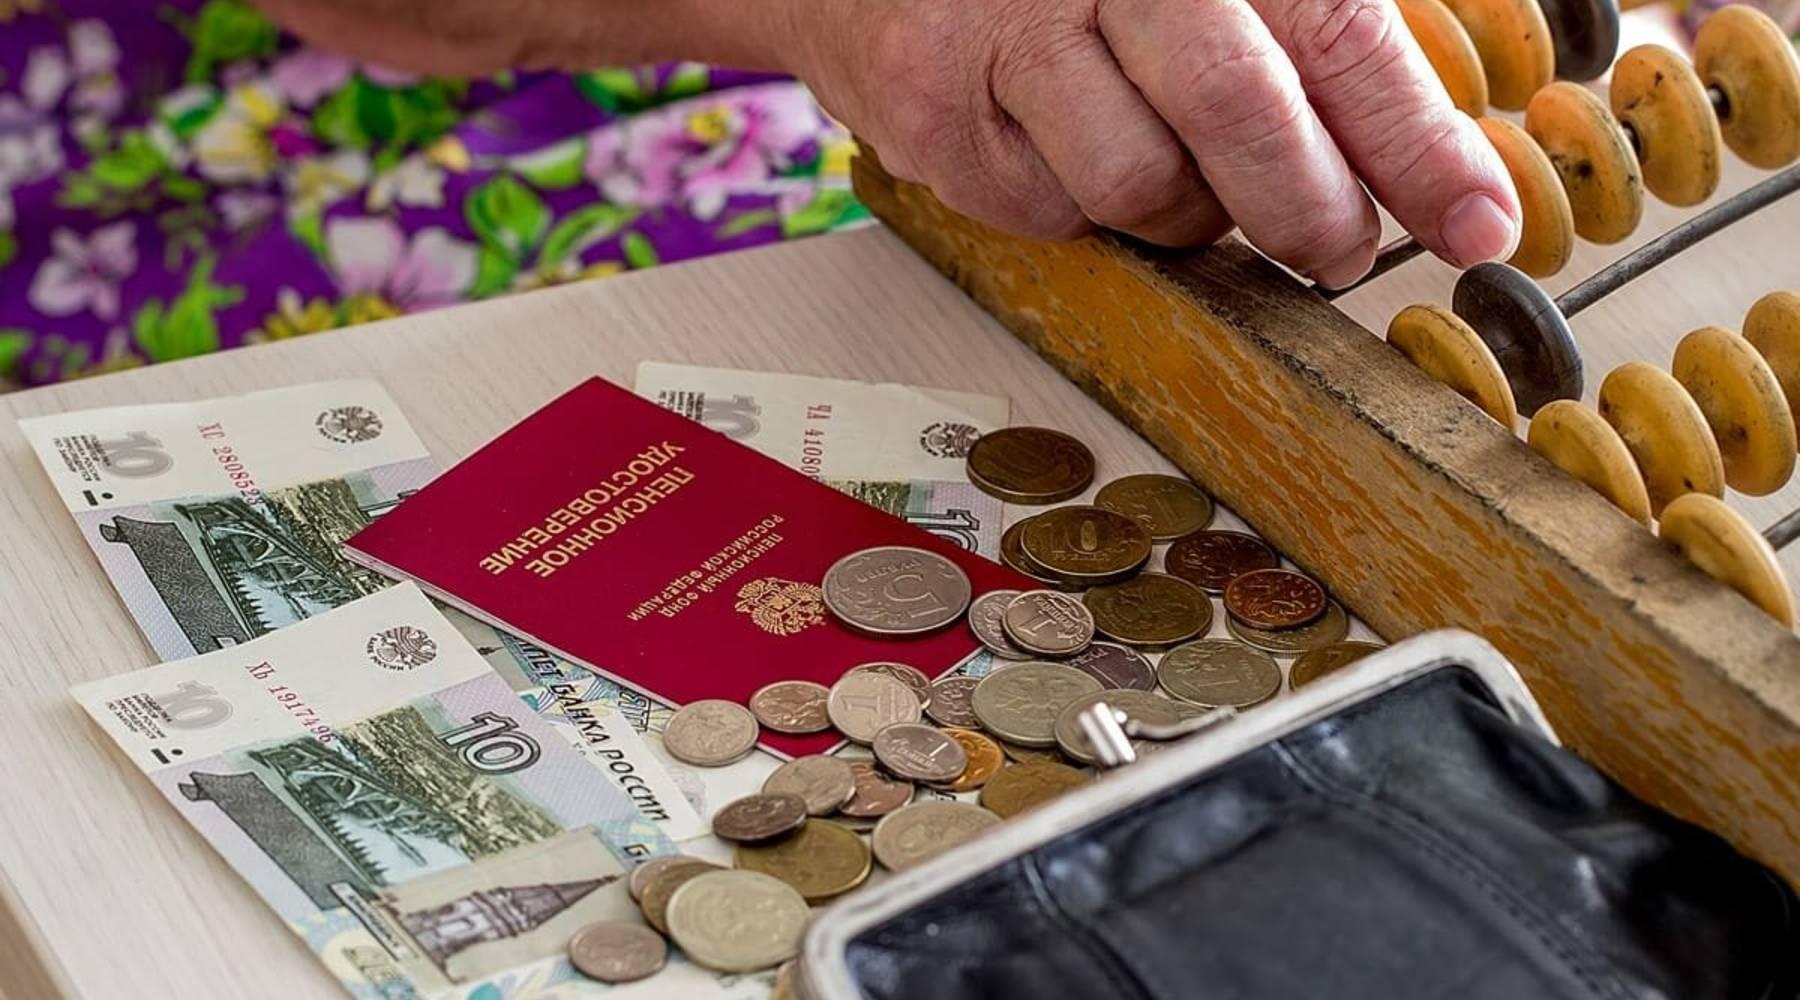 ПФР напоминает: женщинам-пенсионерам необходимо урегулировать свои права по учету одного из важных периодов к пенсии